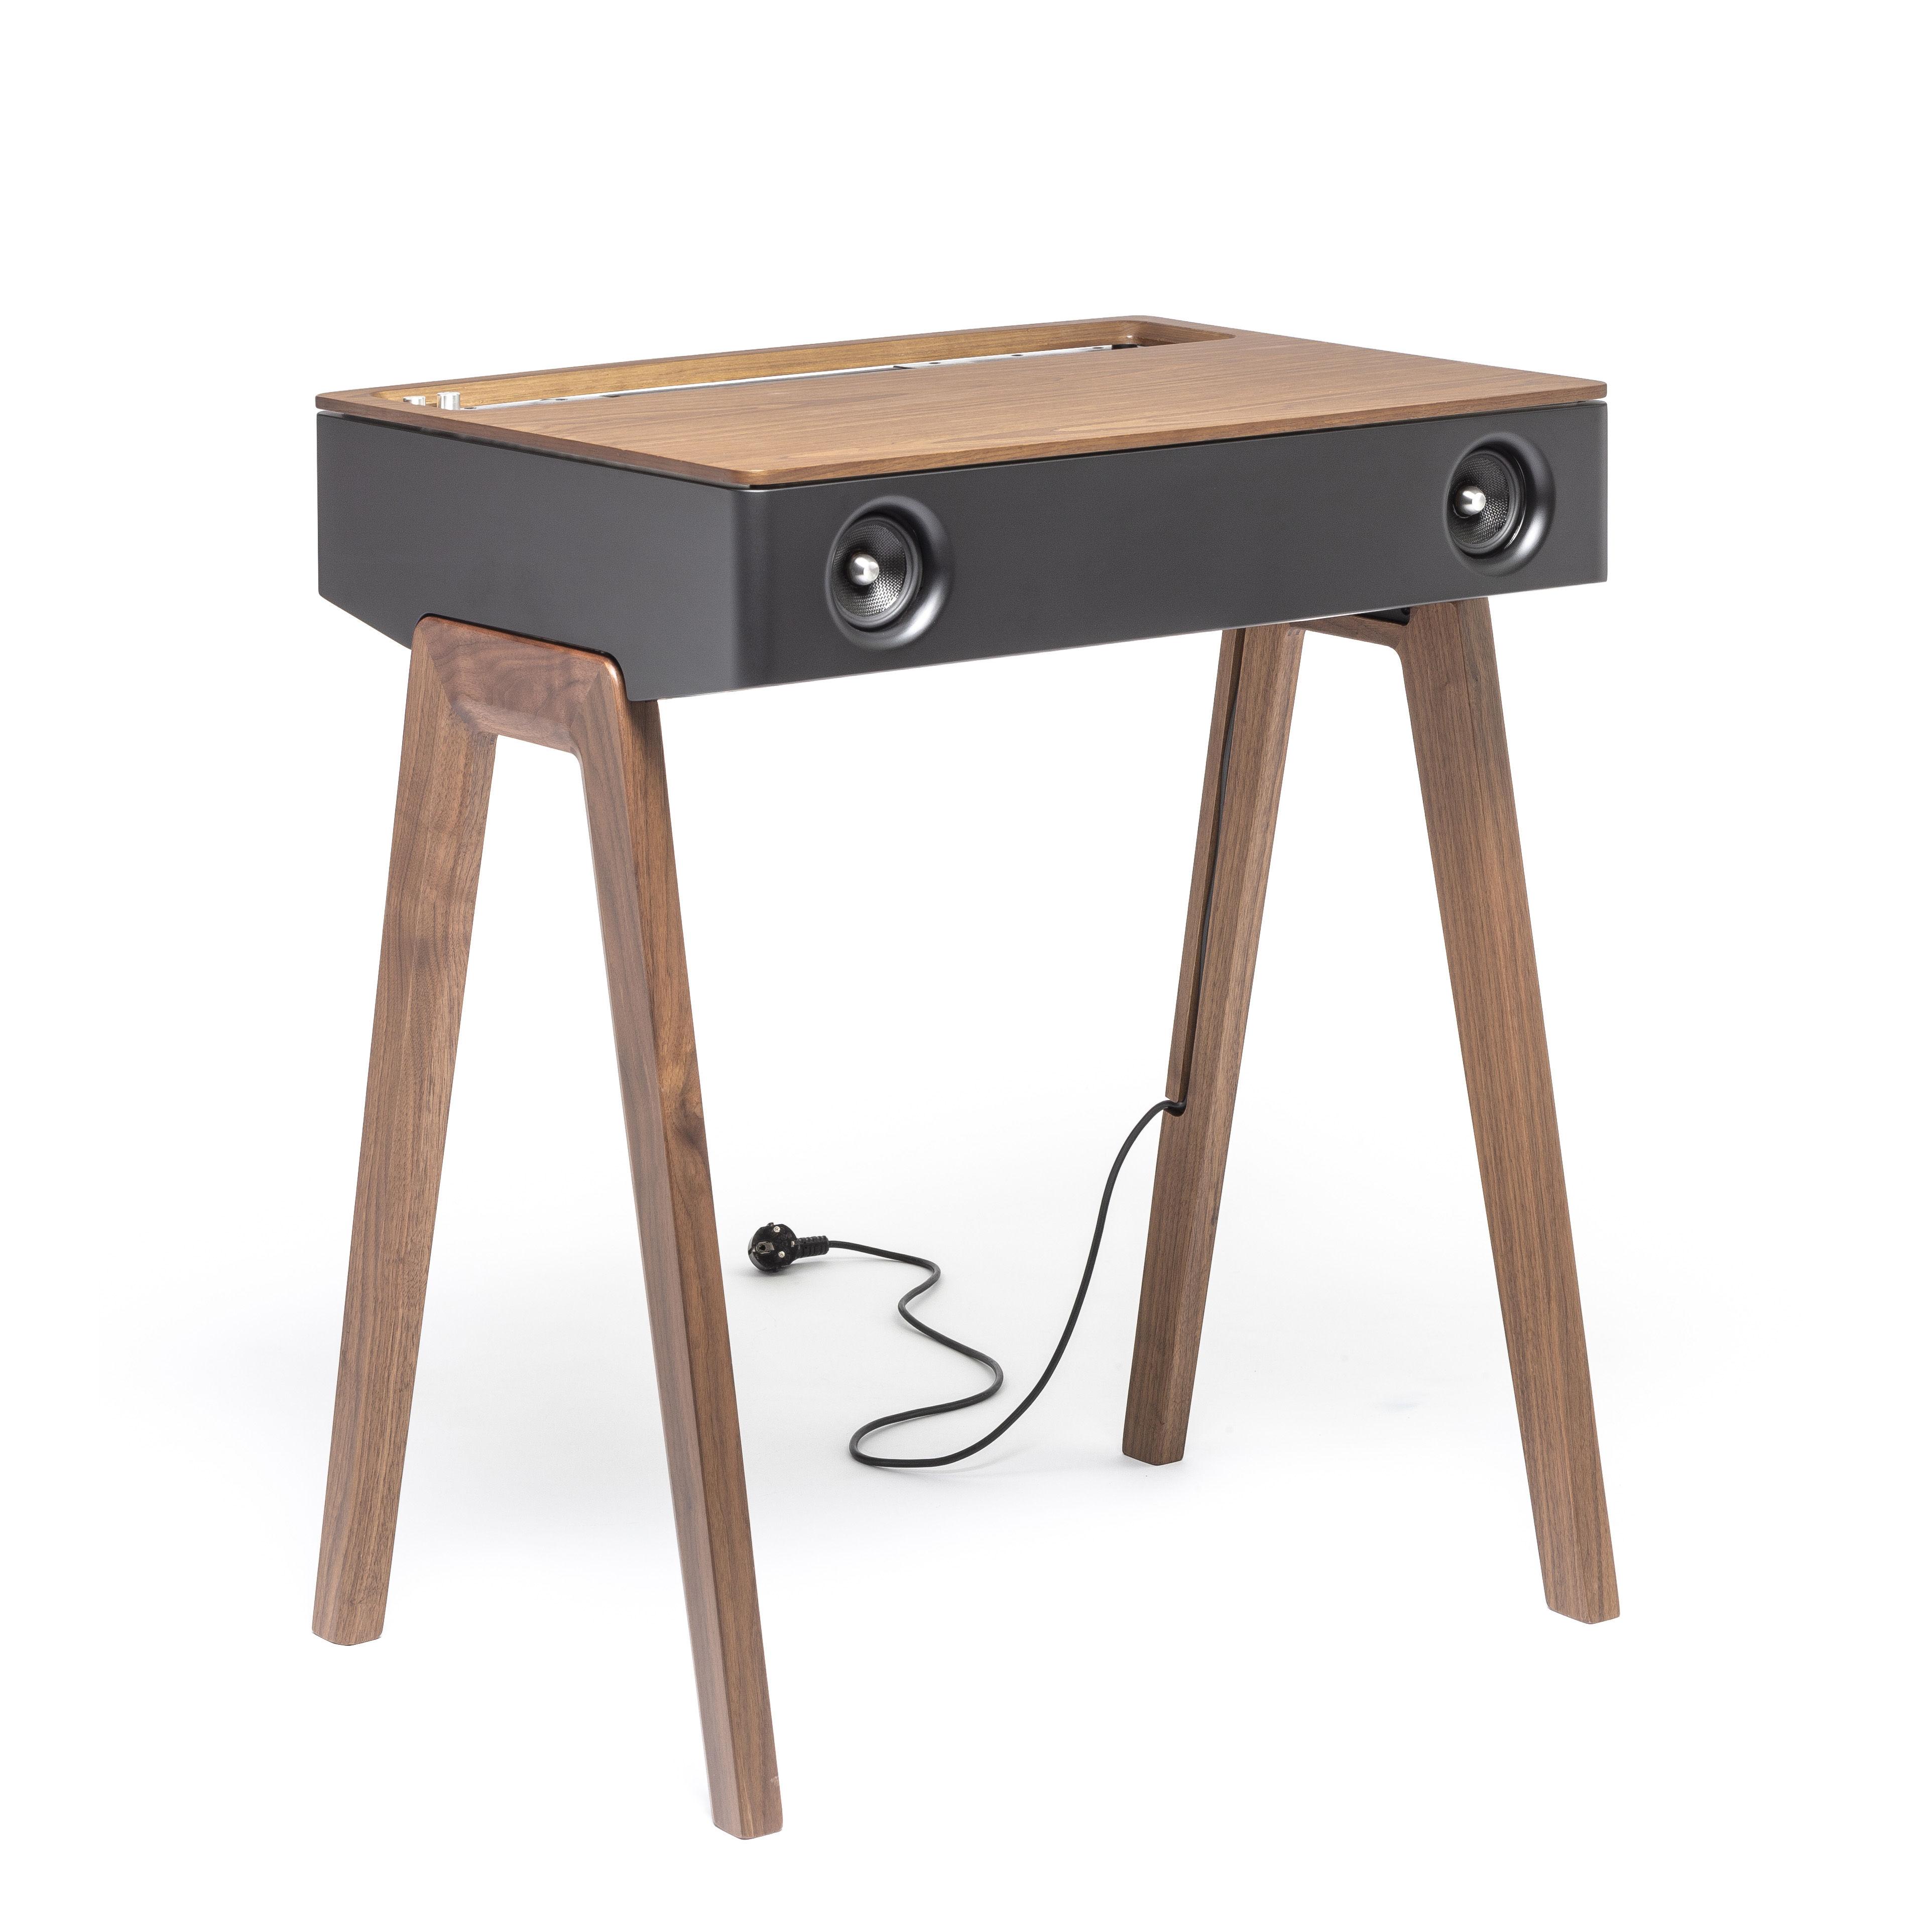 Tendances - Bien chez soi - Enceinte Bluetooth LX / Enceinte active haute-fidélité tout-en-un - La Boîte Concept - Noyer, noir & argent - Aluminium, Bois multiplis, Noyer